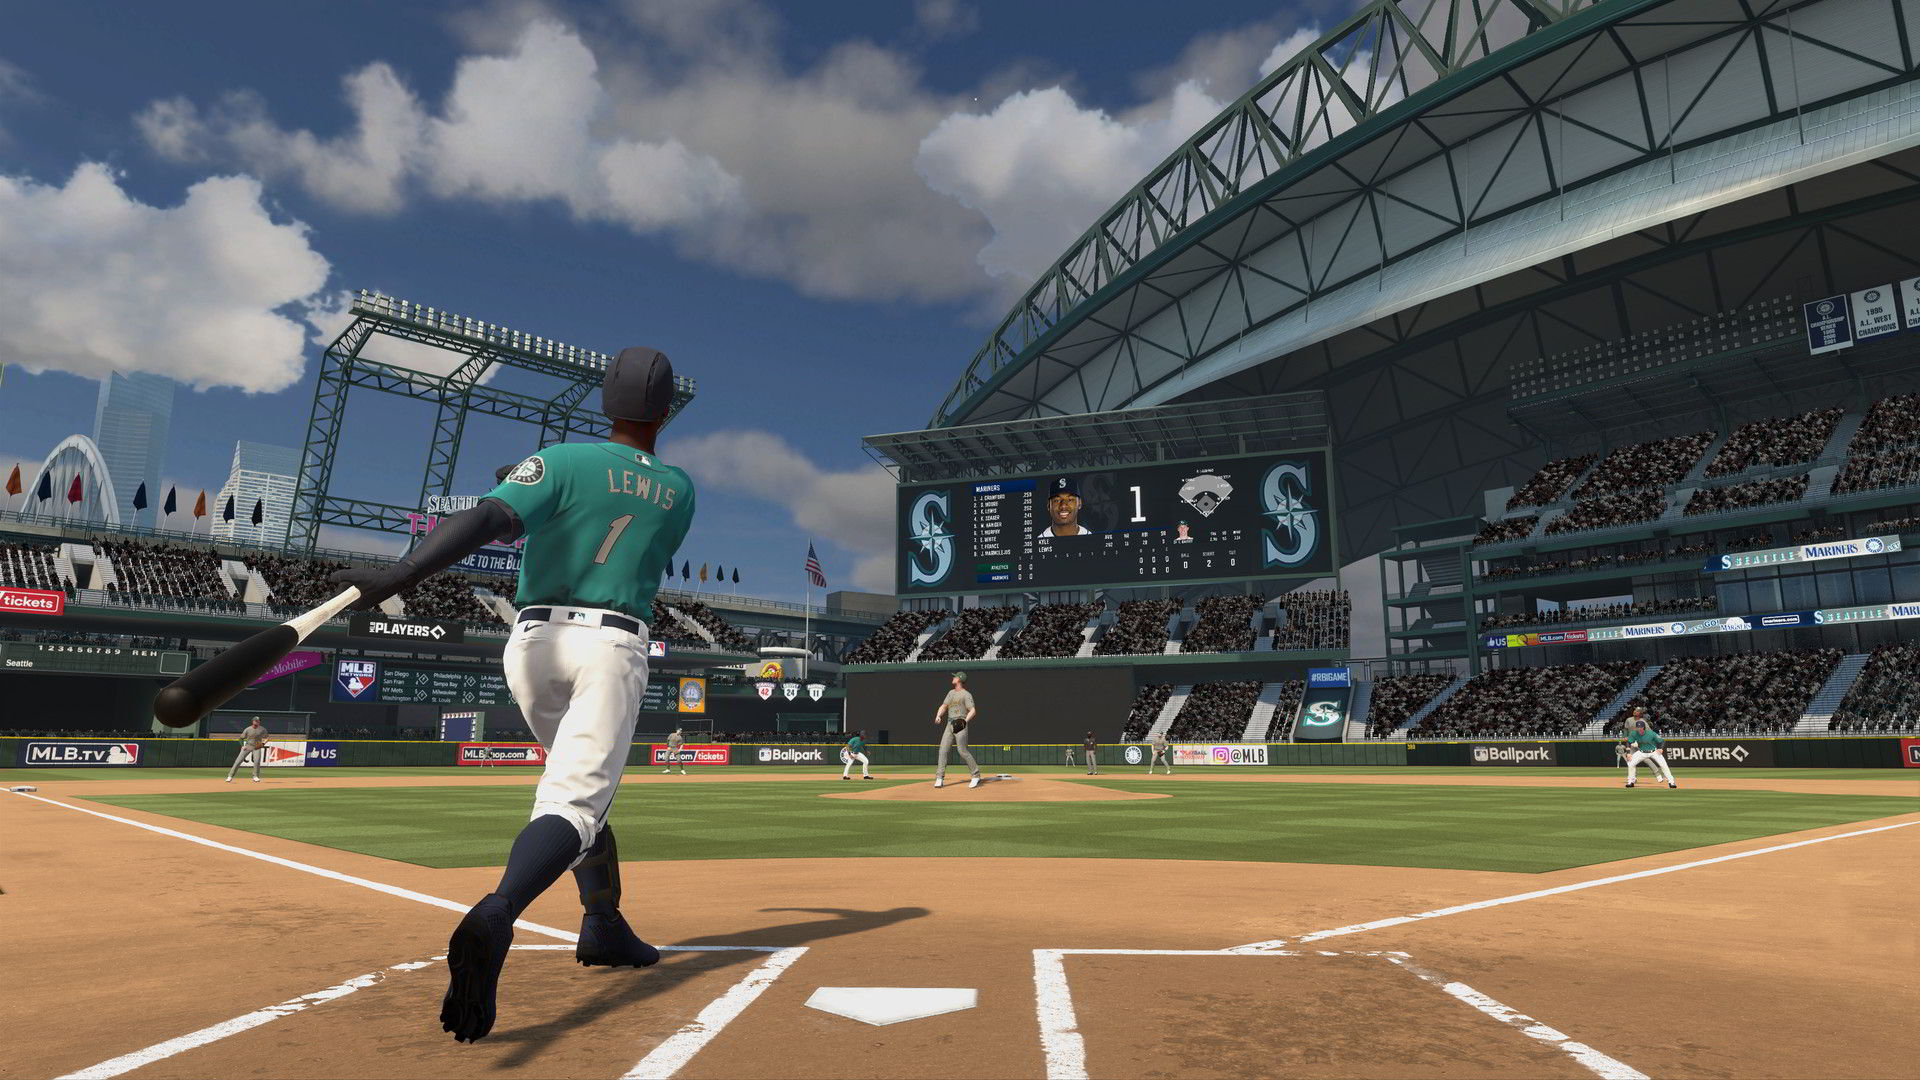 RBI Baseball 2021